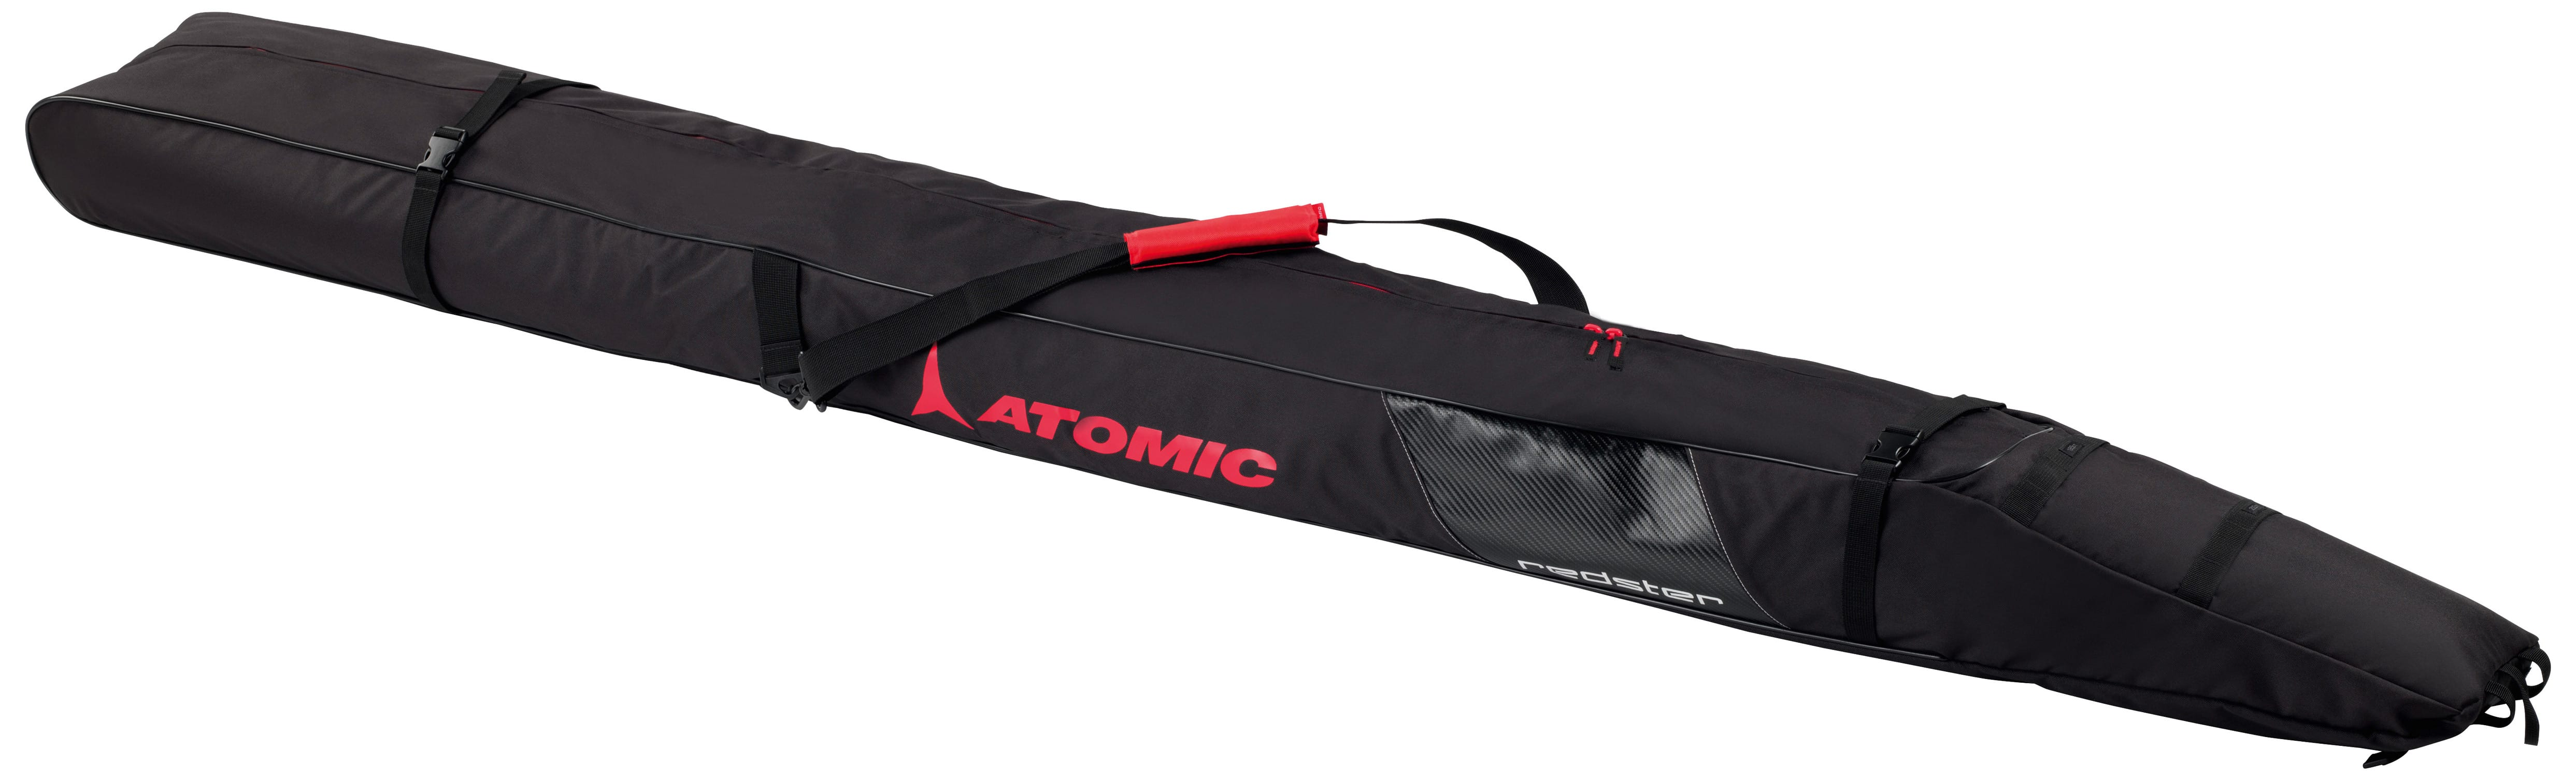 Atomic Nordic 3 Pair Padded Xc Ski Bag Thumbnail 1